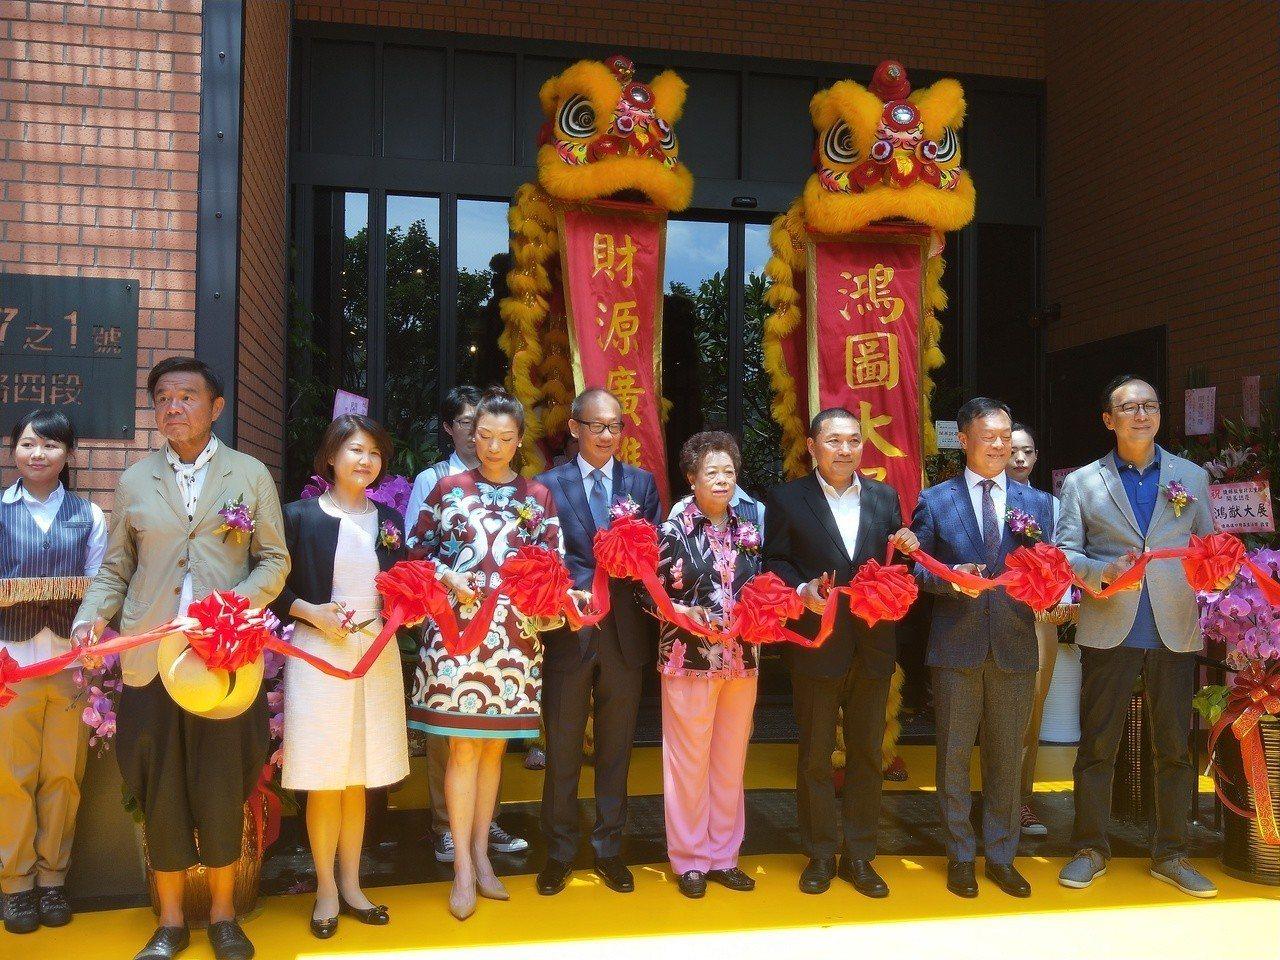 晶華連鎖飯店捷絲旅三重館今開幕,負責人是前立委朱俊曉。記者施鴻基/攝影